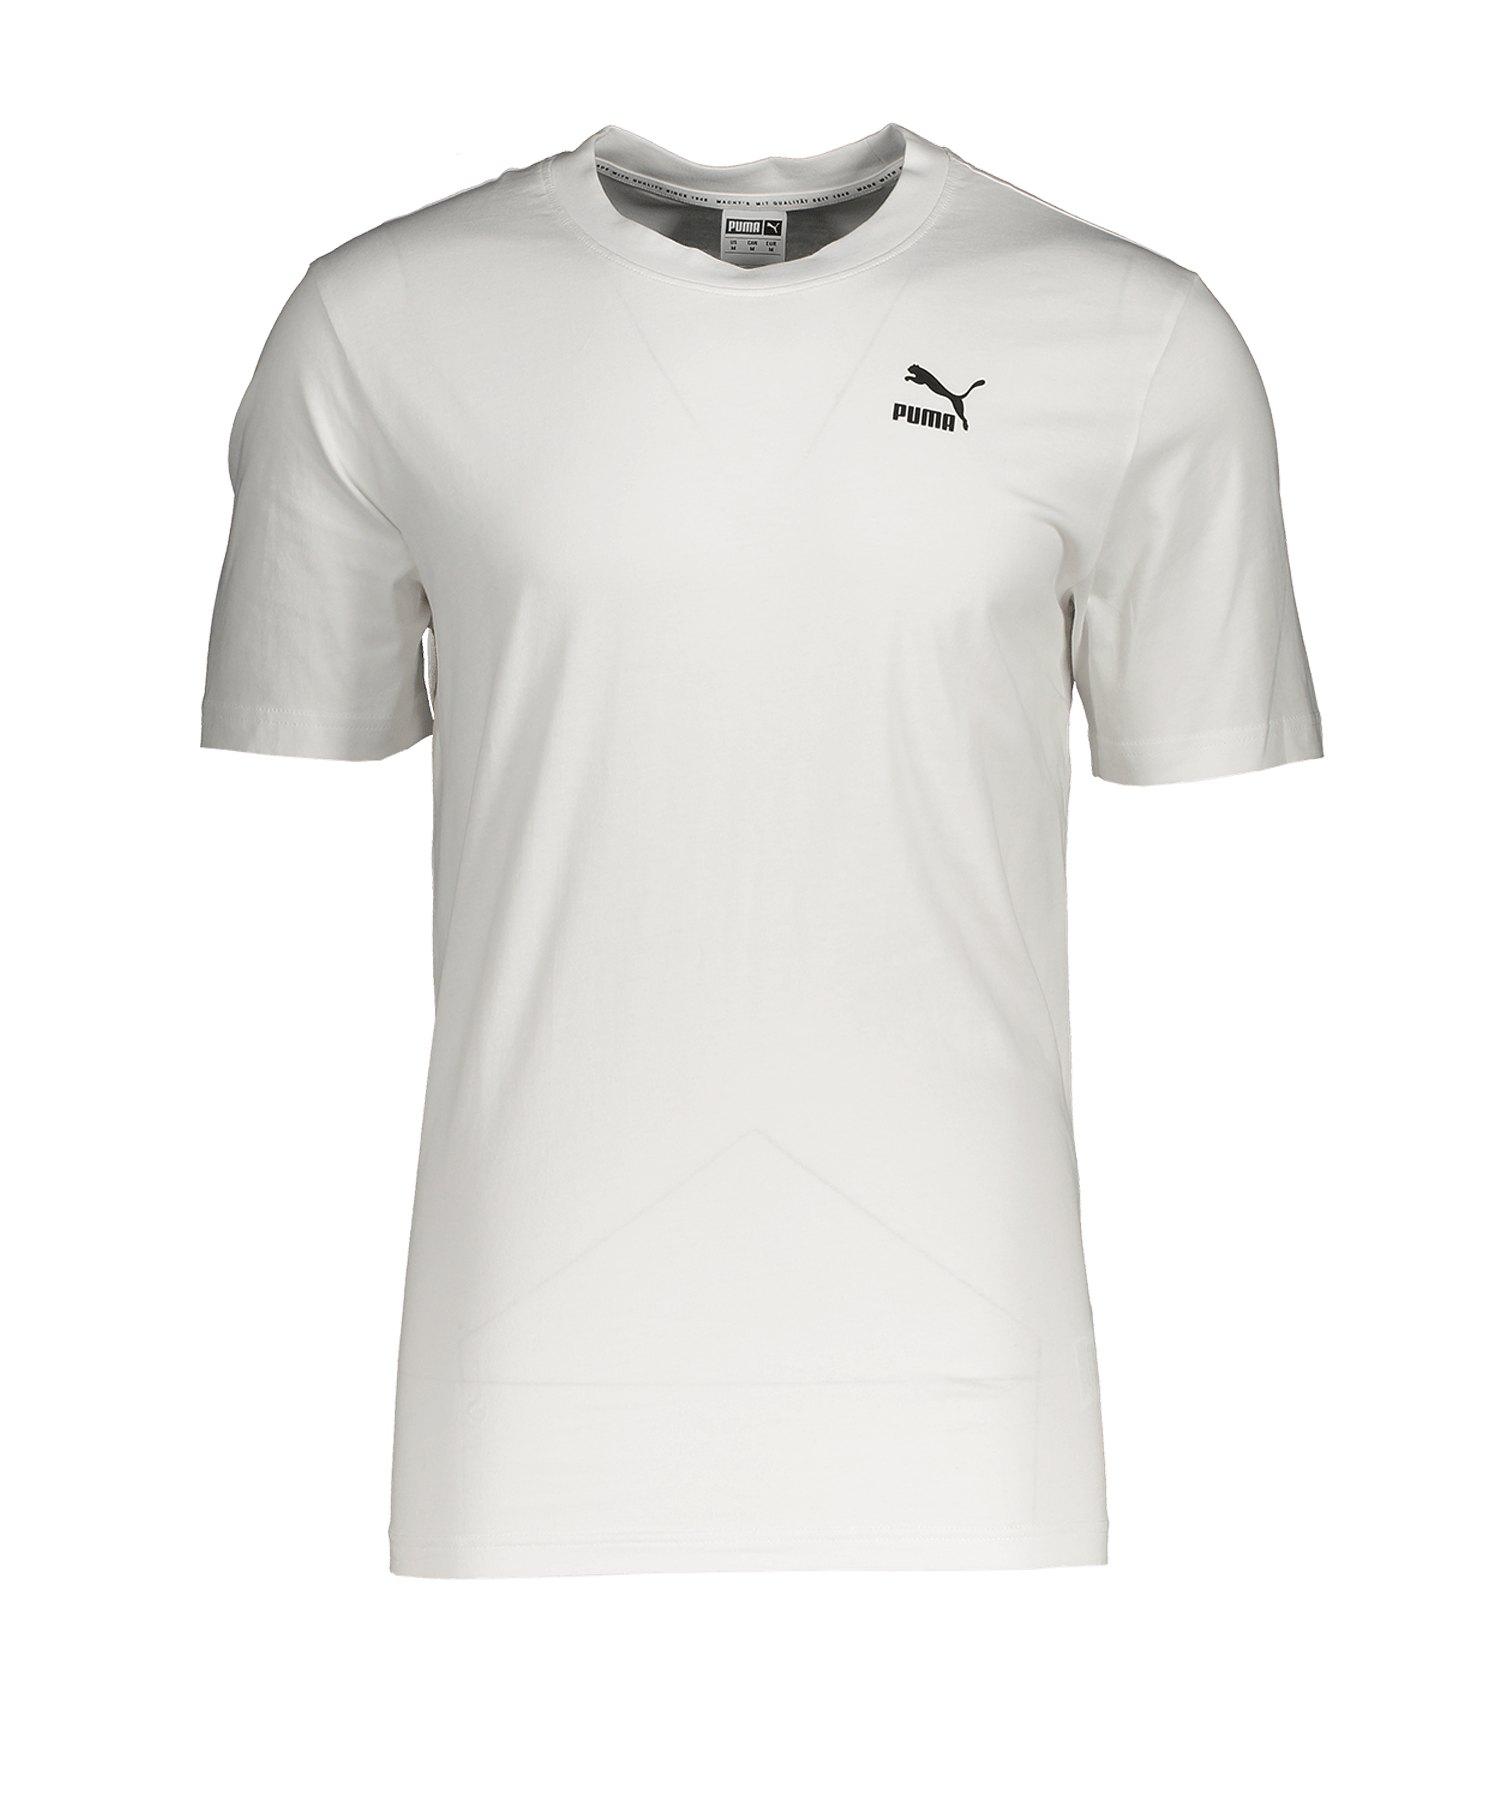 PUMA Recheck Pack Graphic T-Shirt Weiss F02 - weiss